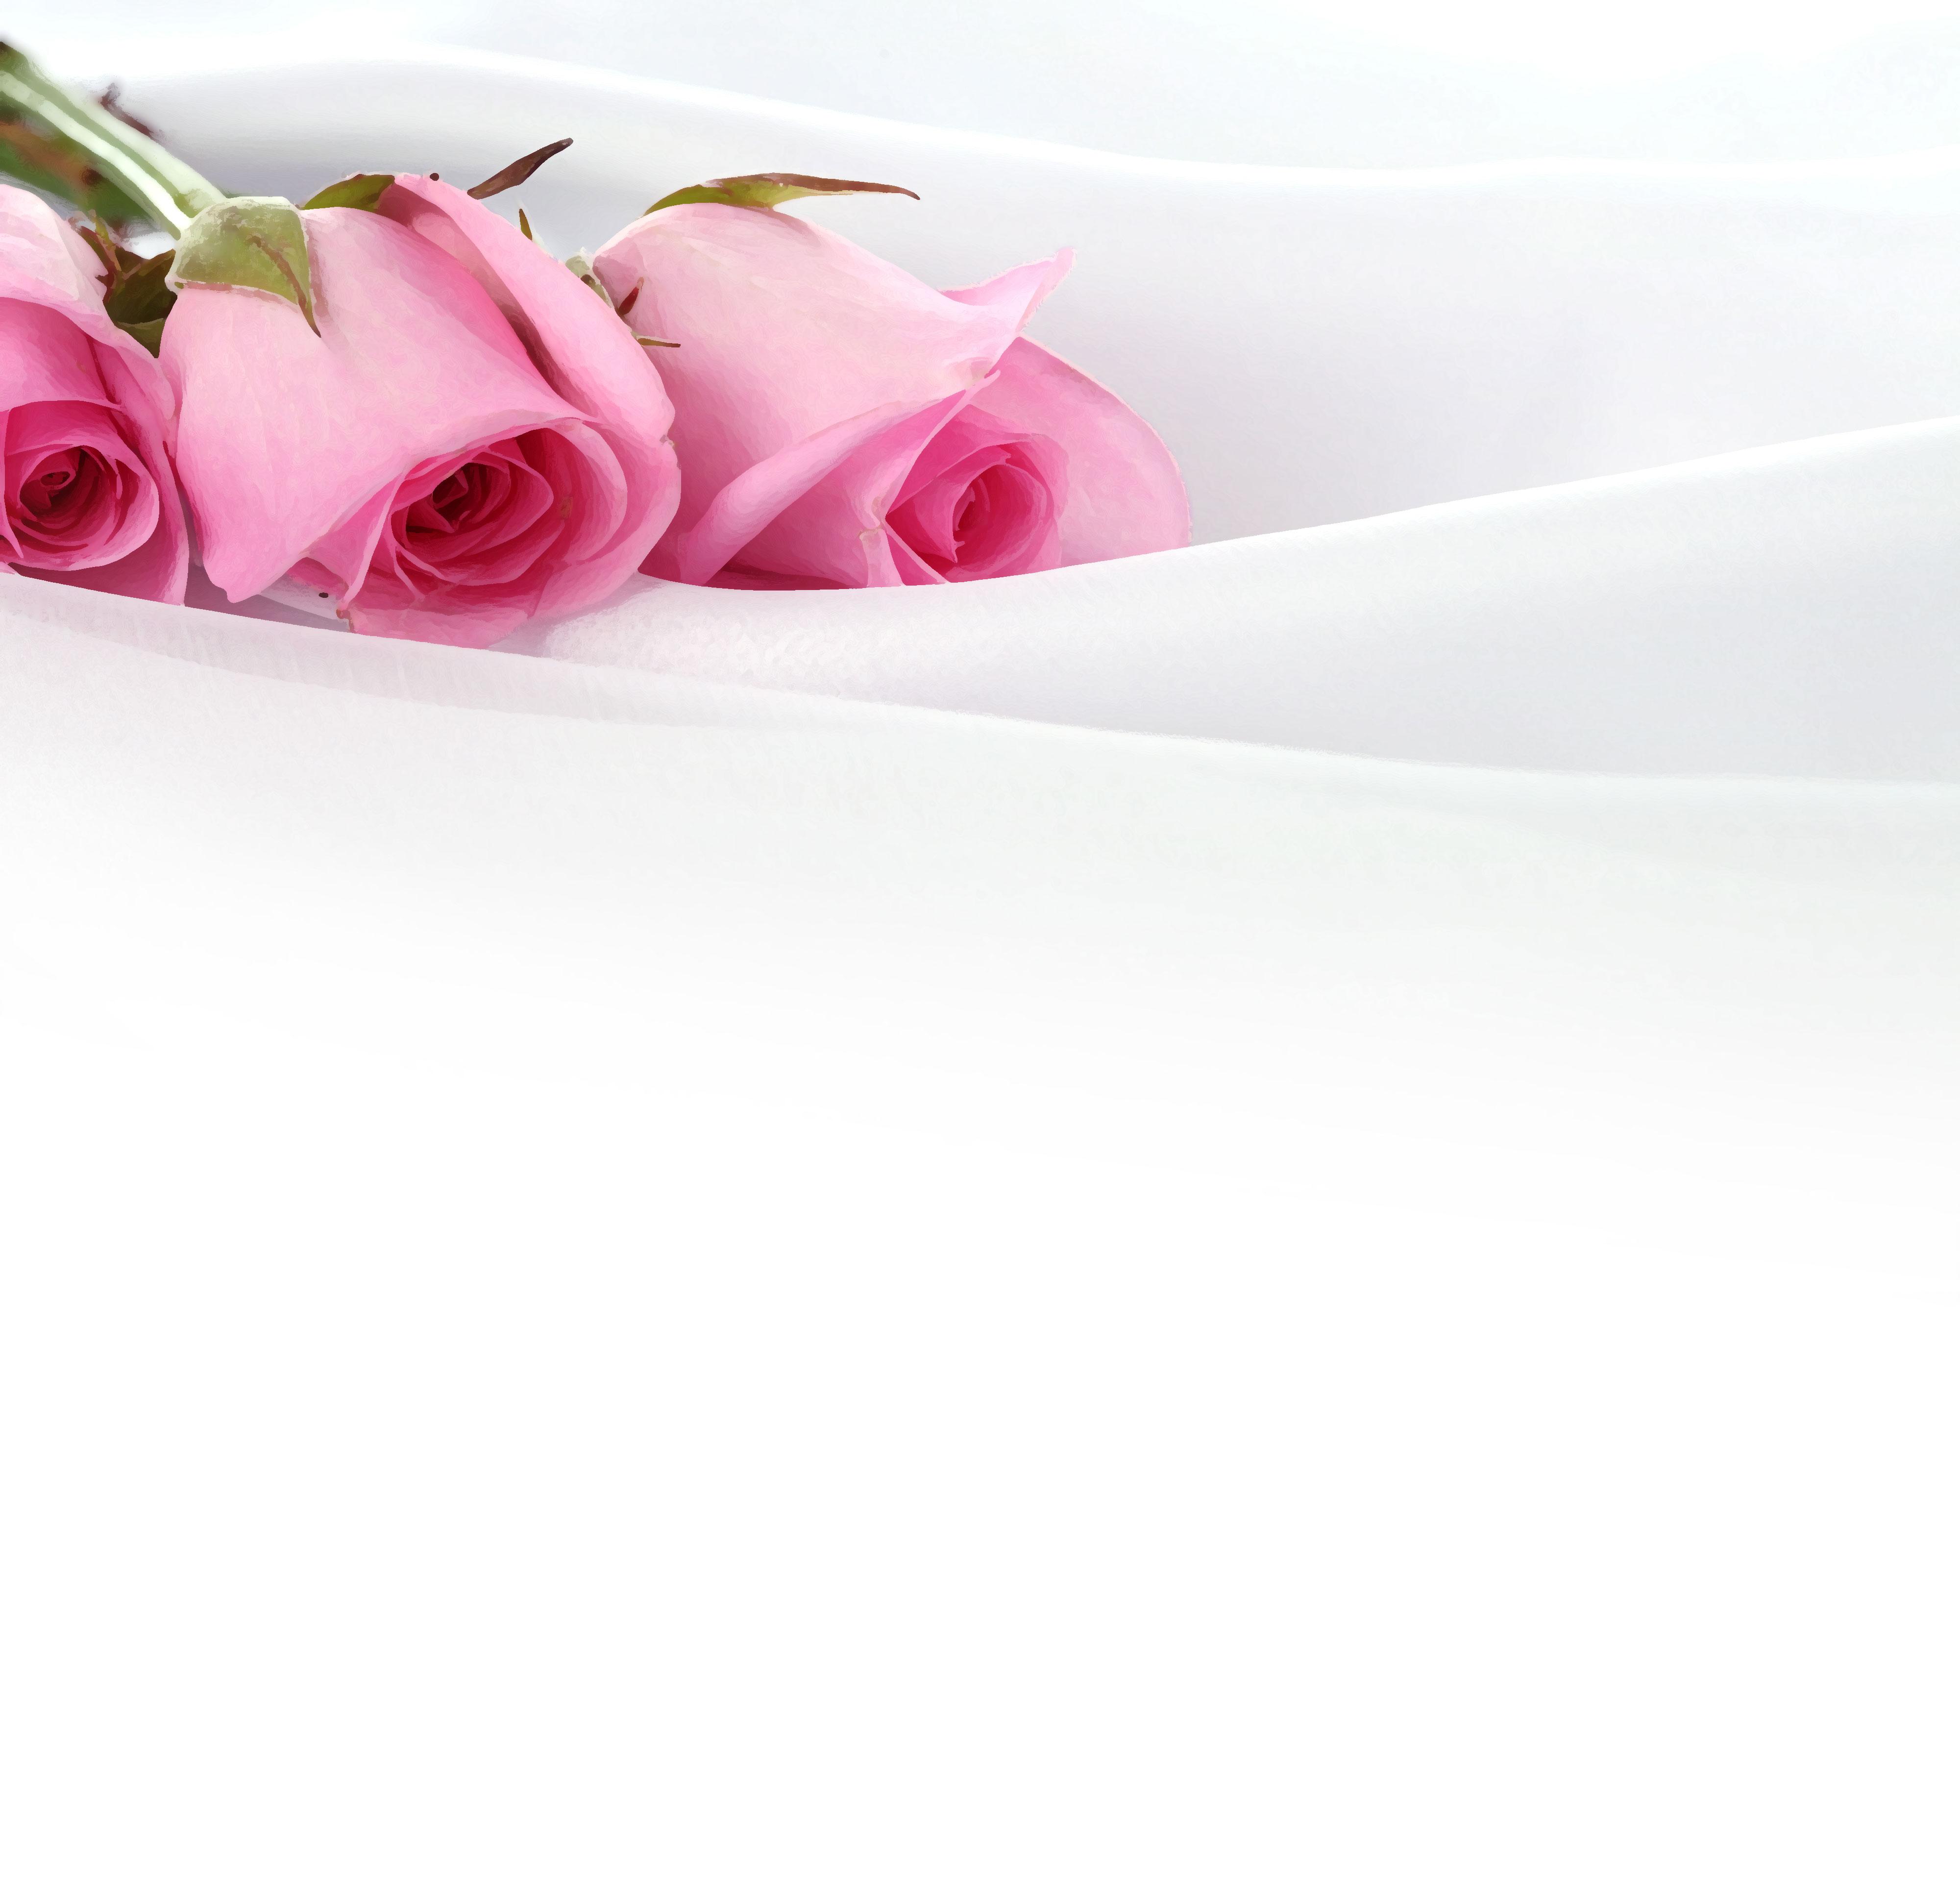 花のイラスト・フリー素材/壁紙・背景no.372『ピンクのバラ・白生地』